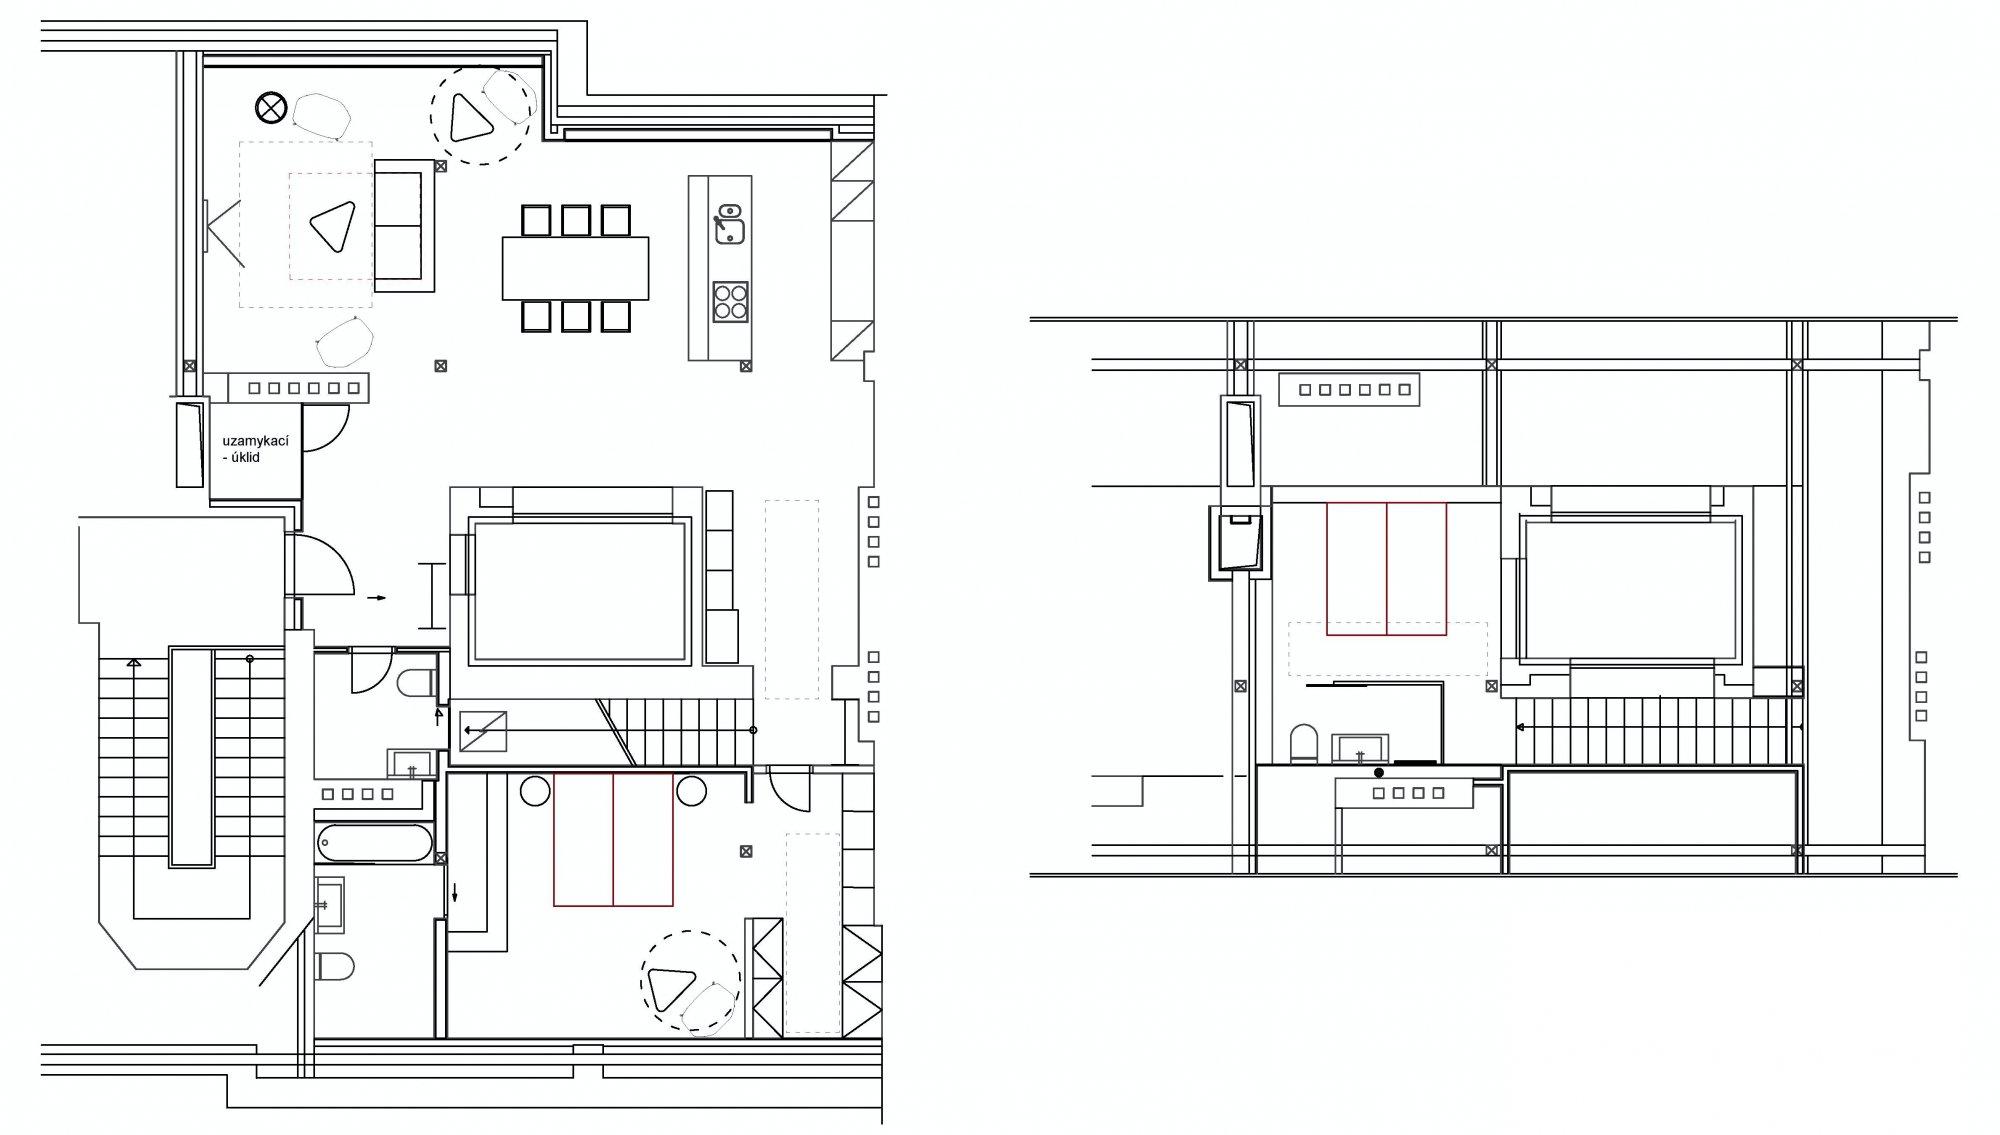 Půdorys - Půdní byt 3+kk, plocha 133 m², ulice Hellichova, Praha 1 - Malá Strana